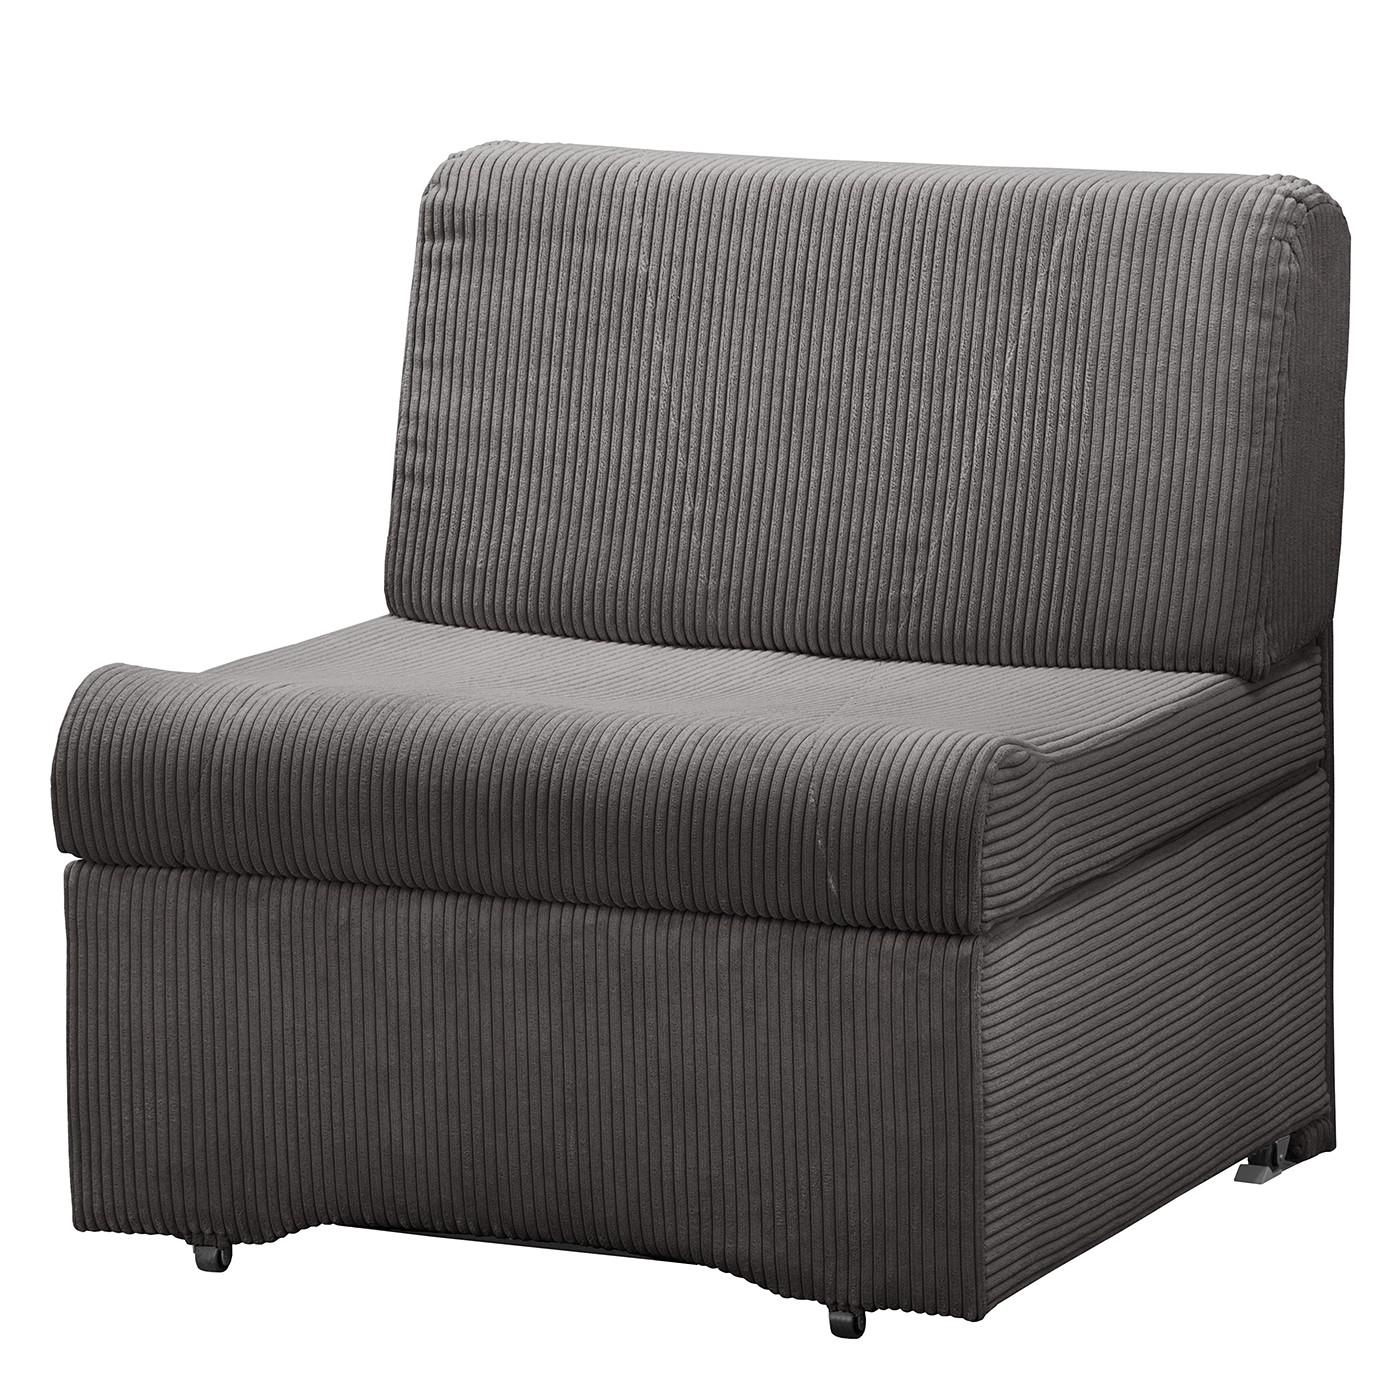 home24 Fredriks Schlafsessel Disley IV Dunkelgrau 100% Polyester mit Schlaffunktion/Bettkasten 86x84x84 cm (BxHxT)